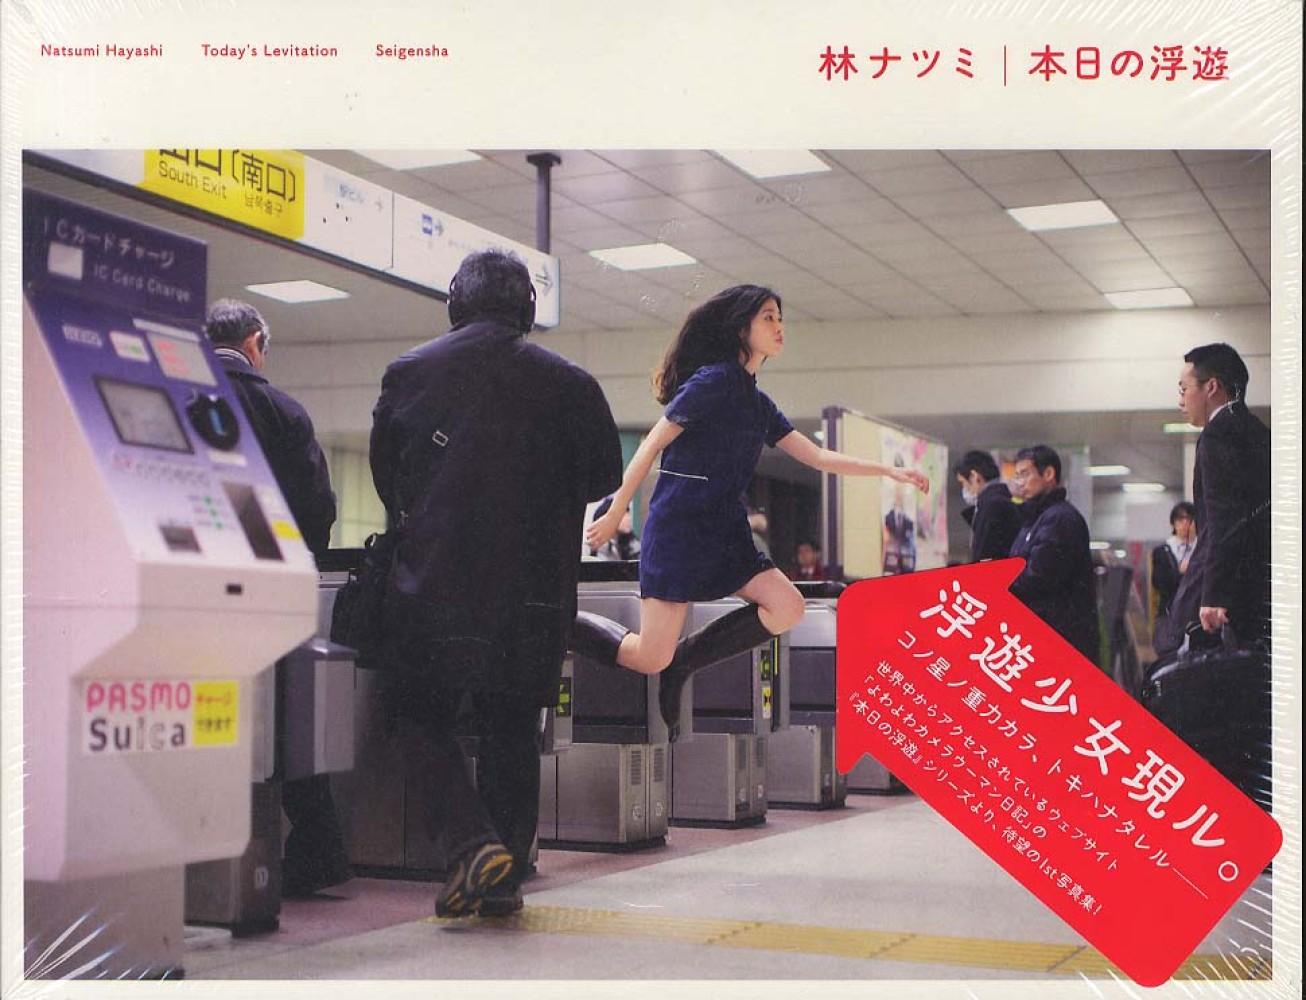 Natsumi Hayashi 2